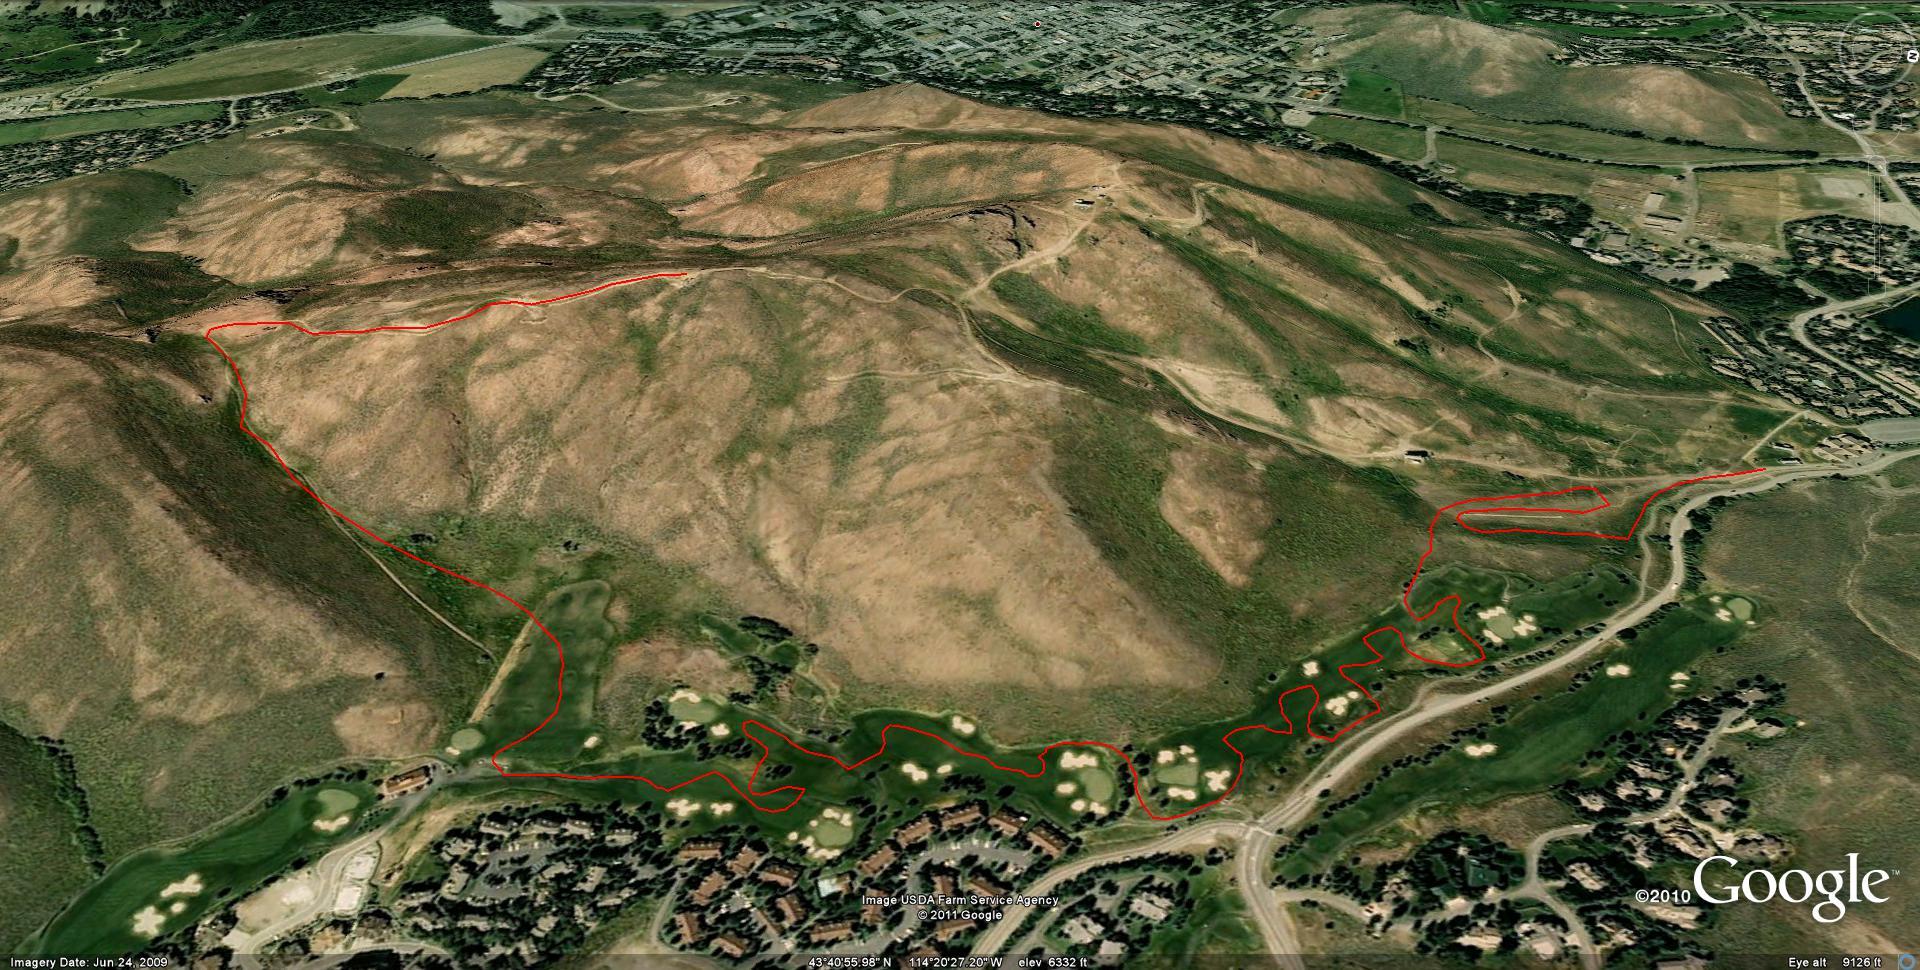 https://fasterskier.com/wp-content/blogs.dir/1/files/2011/03/Hill-Climb.jpg